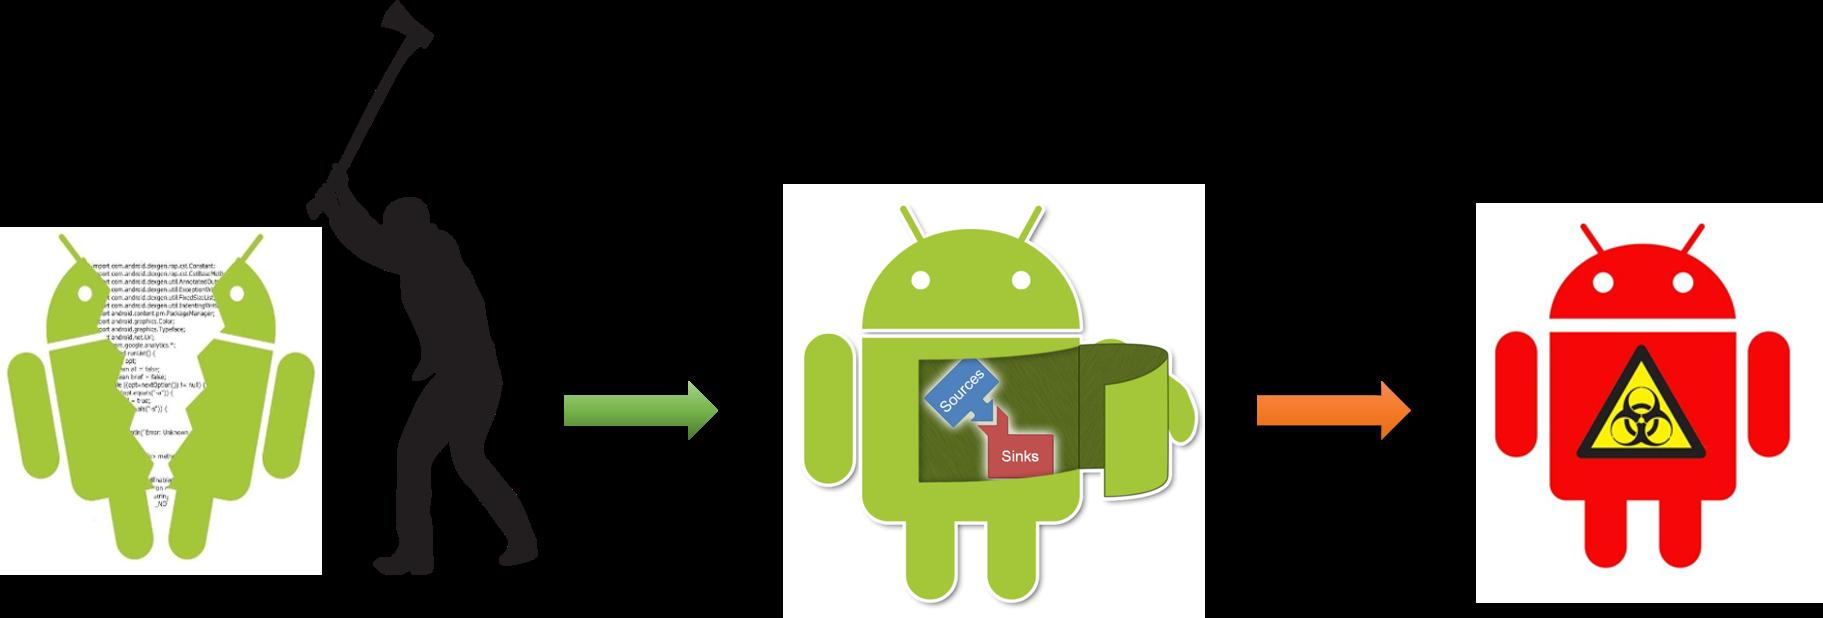 Отключение проверок состояния среды исполнения в Android-приложении - 1